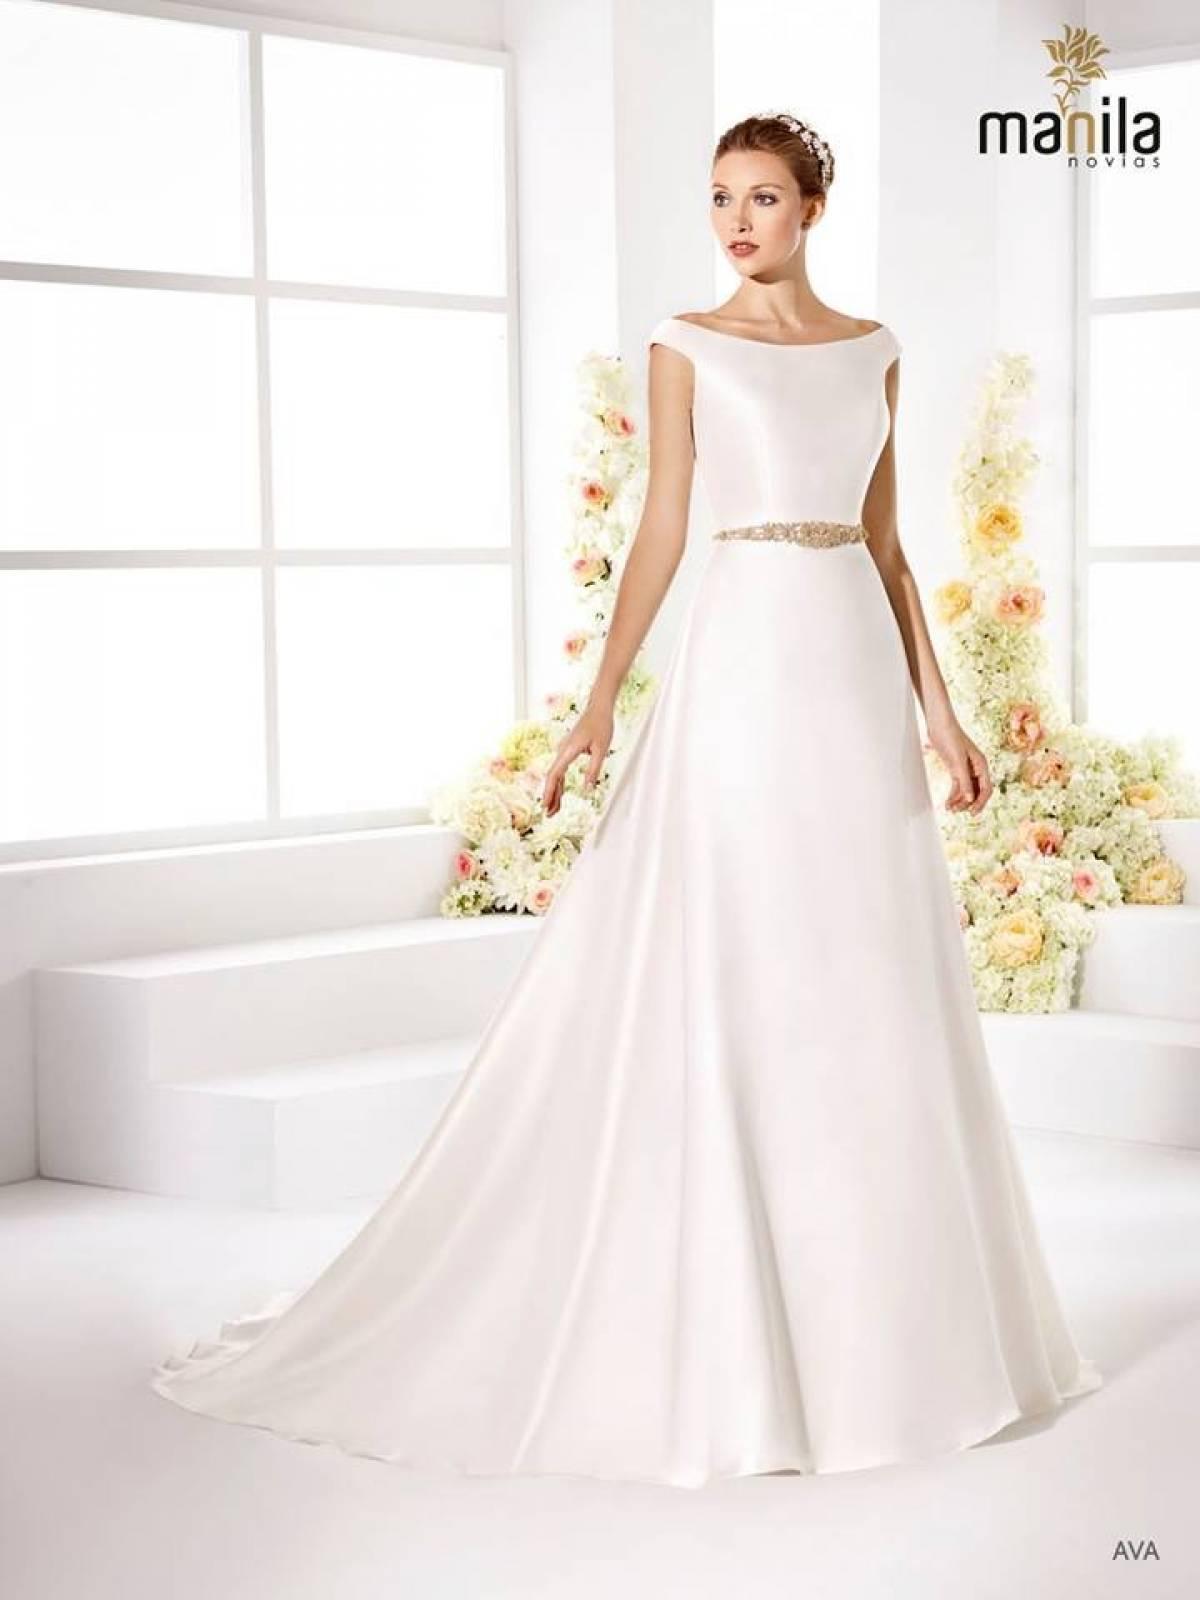 Fabrica de vestidos de novia en granada